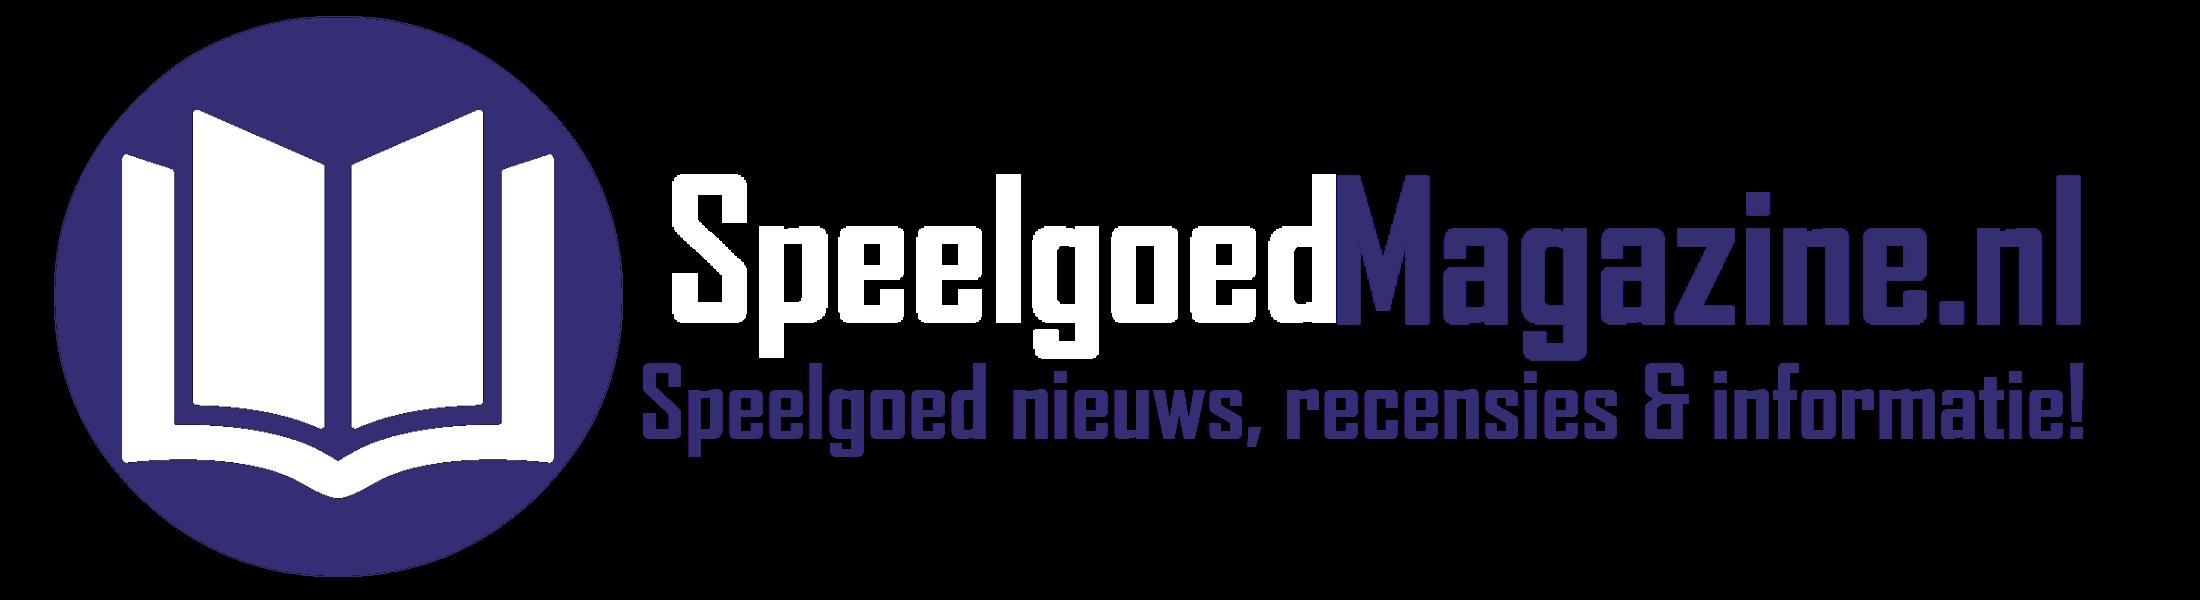 SpeelgoedMagazine.nl